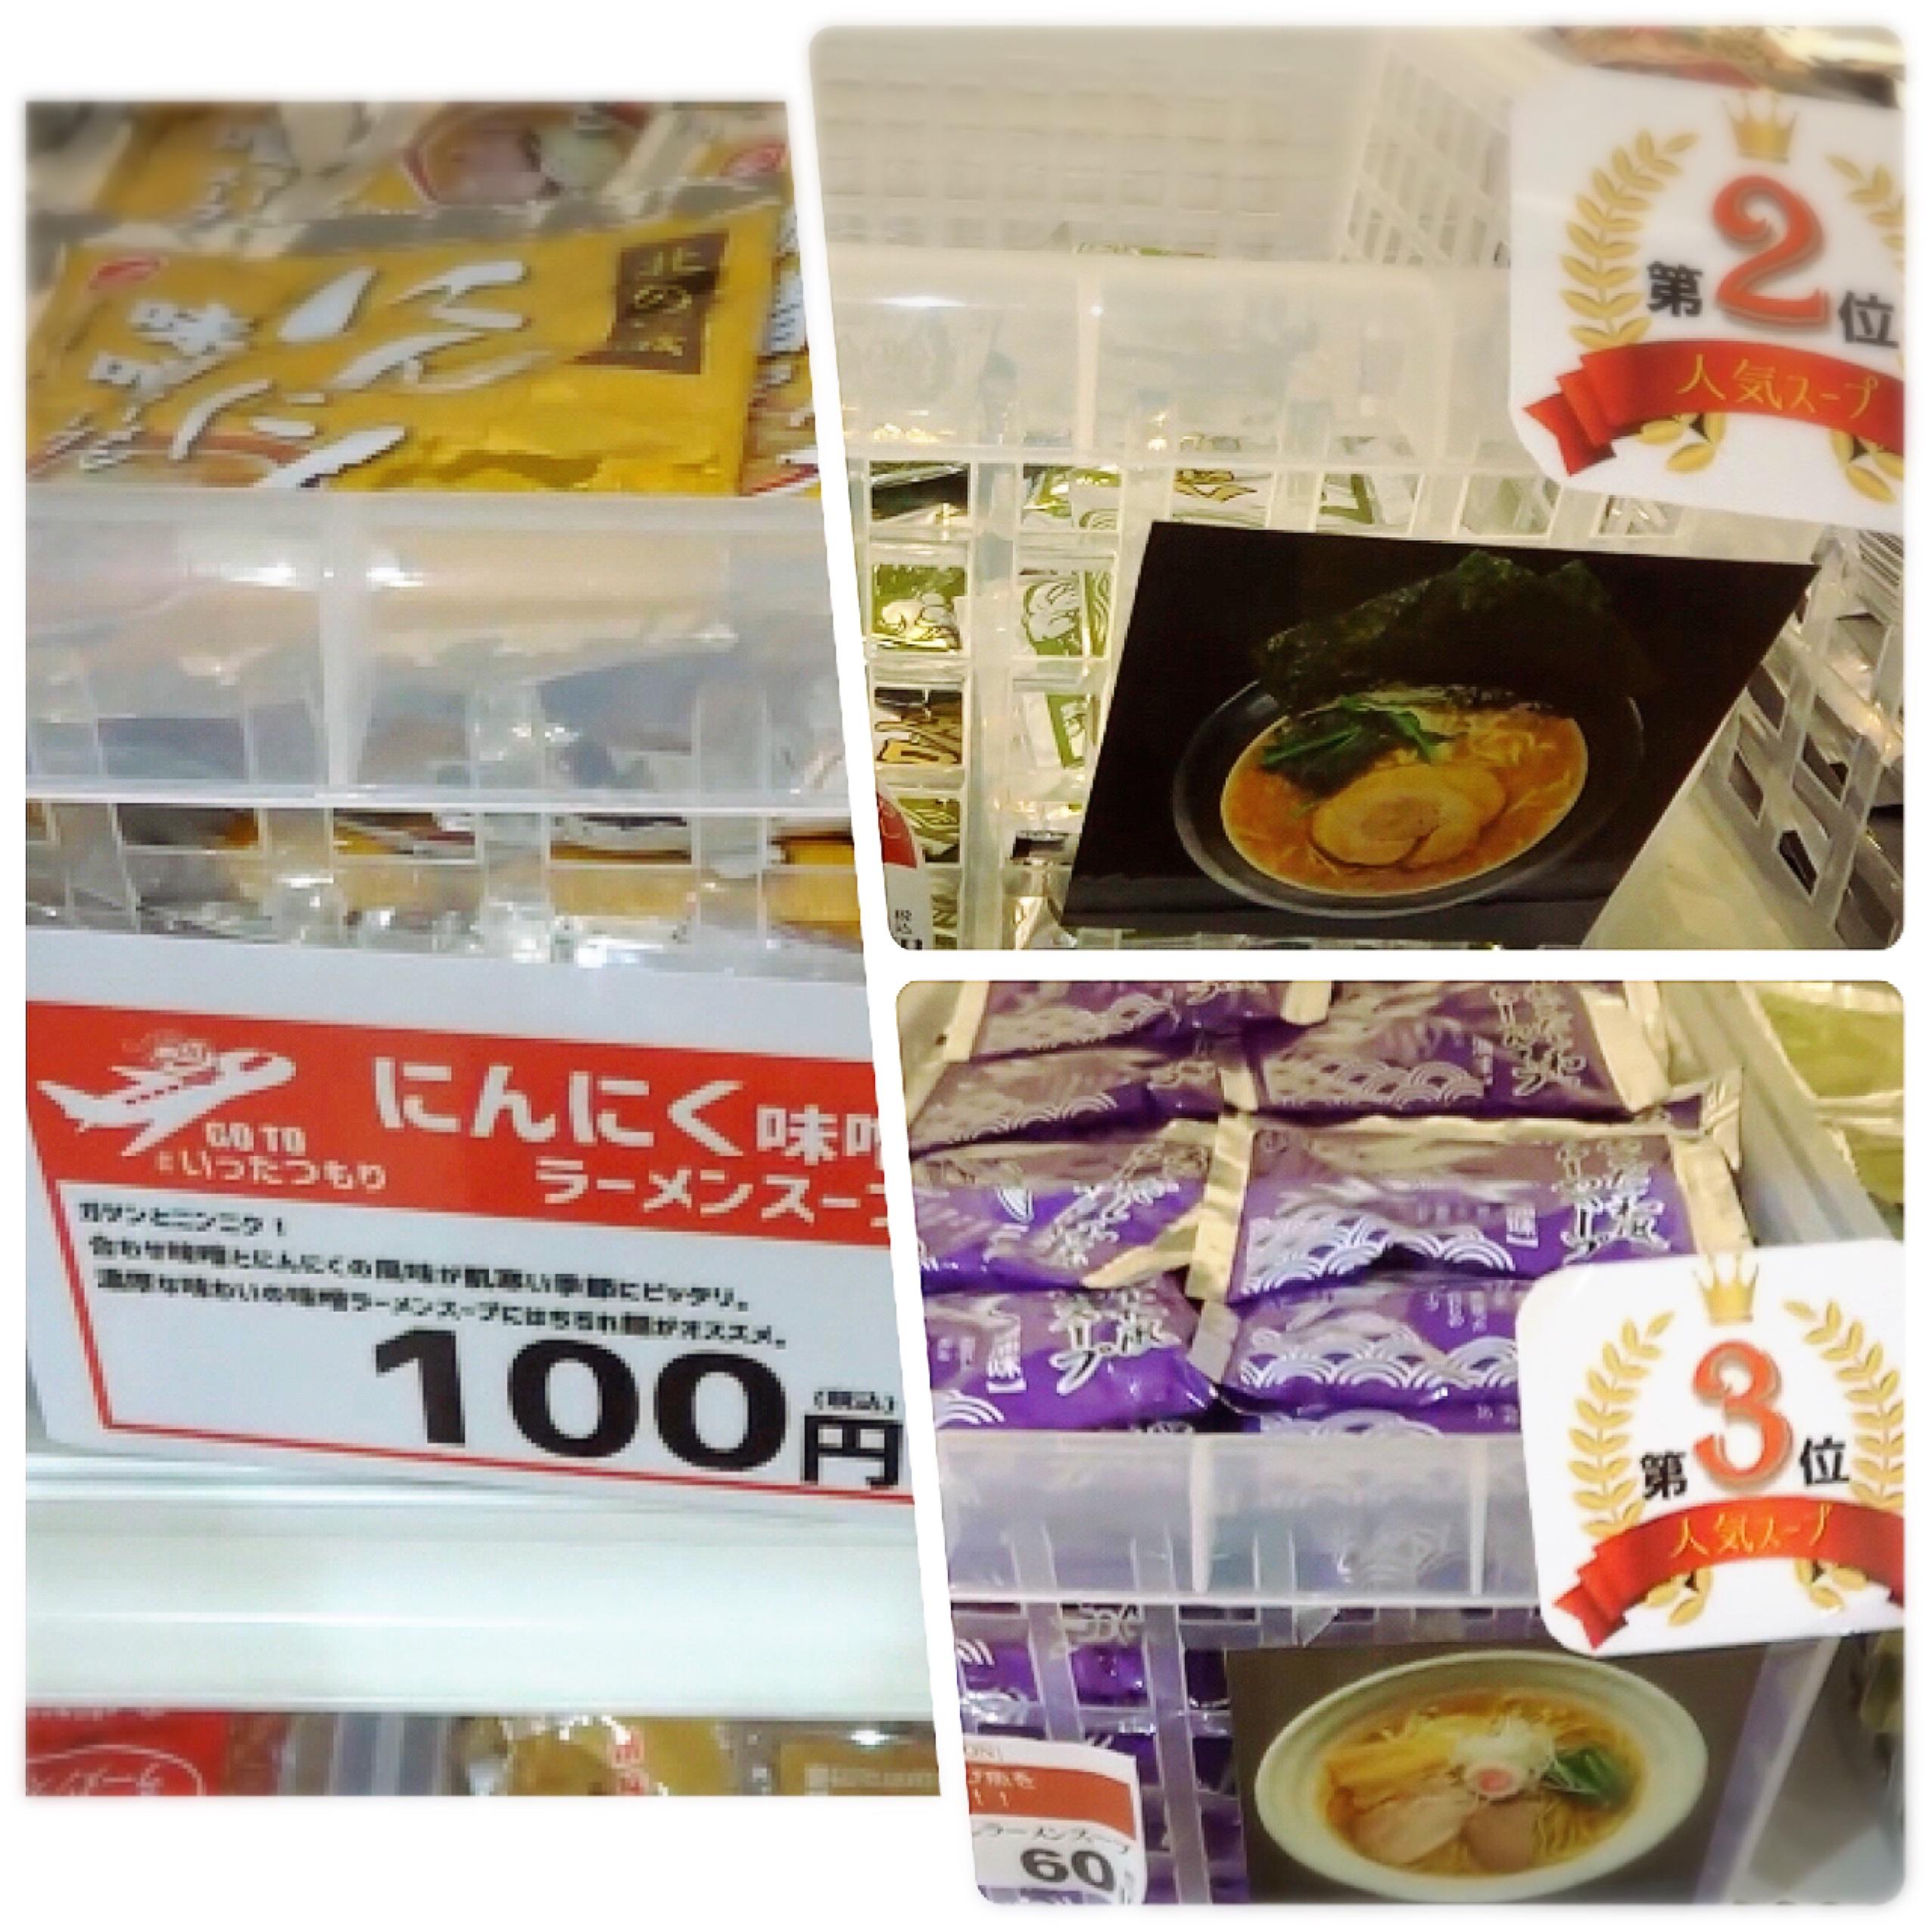 麺市場@中野ブロードウェイ地下 ラーメンスープ売れ筋ランキング